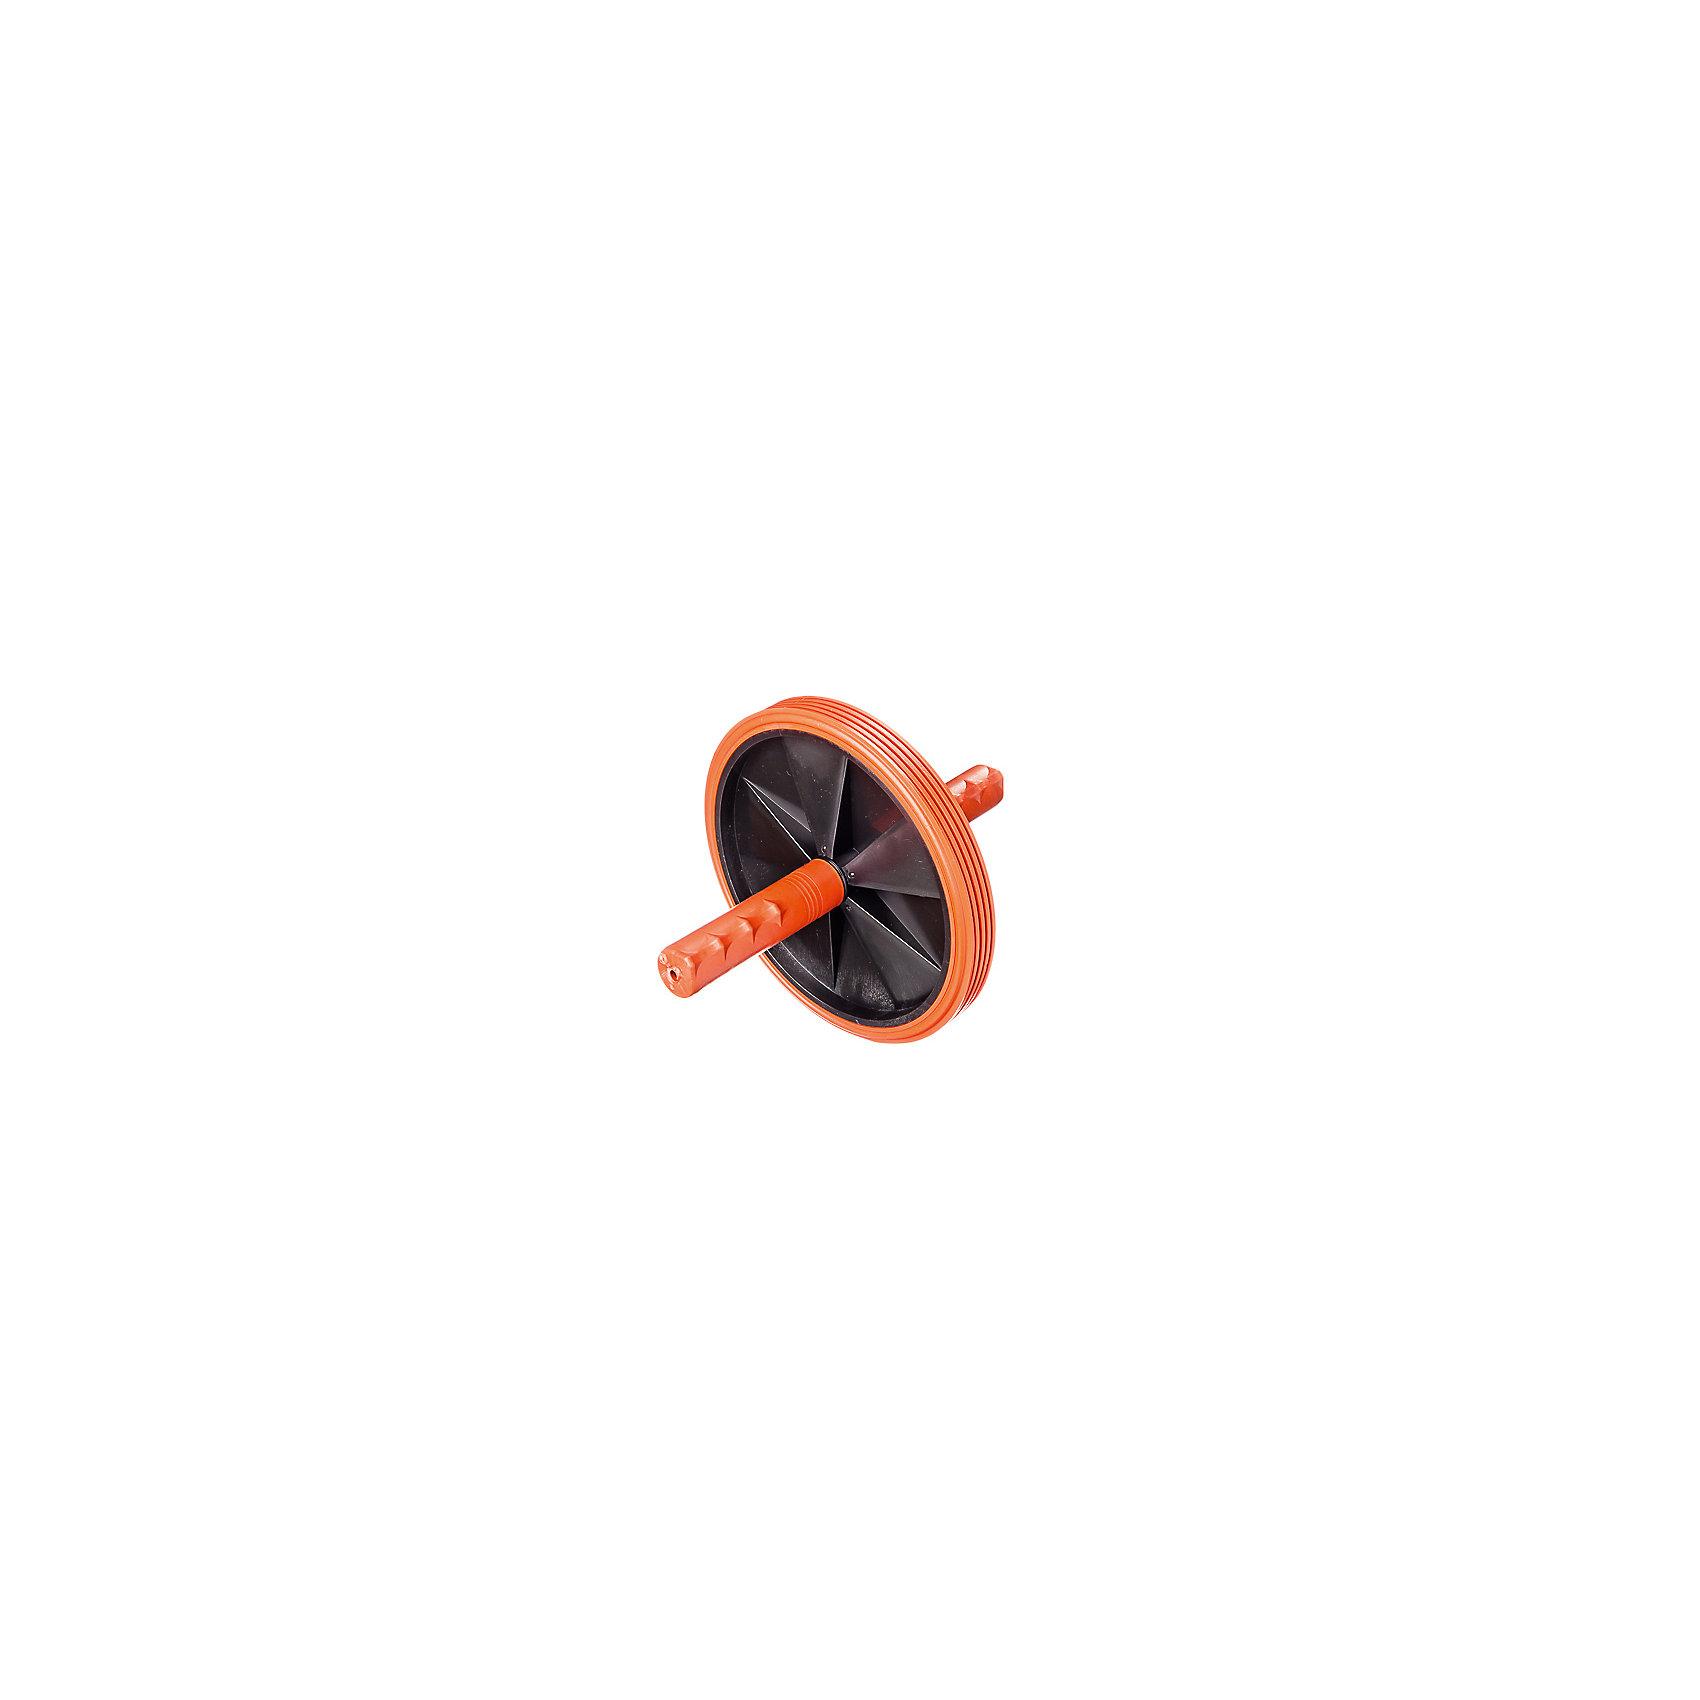 Ролик-каток гимнастическийТренажёры<br>Характеристики товара:<br><br>• материалы: стержень - металическая трубка, ручки и колеса - пластмасса, шинка - полиэтилен<br>• диаметр колеса: 18,5см<br>• максимальная нагрузка: 120кг<br>• страна-производитель: Россия<br>• упаковка: термоусадочная пленка с ярким информационным вкладышем и подвесом <br><br>Ролик гимнастический - универсальный тренажер, который предназначен для развития и укрепления мышц брюшного пресса, спины, бедер, рук, плечевого пояса. <br><br>Компактный и легкий в применении, ролик прекрасно подходит для занятий в домашних условиях. <br><br>Ролик состоит из металлического стержня, пластикового диска и съемных нескользящих ручек, имеющих эргономичную форму.<br><br> Ролик практически не занимает места, поэтому его удобно хранить дома и брать с собой в поездки.<br><br>Ролик-каток гимнастический можно купить в нашем интернет-магазине.<br><br>Ширина мм: 210<br>Глубина мм: 225<br>Высота мм: 25<br>Вес г: 550<br>Возраст от месяцев: 36<br>Возраст до месяцев: 2147483647<br>Пол: Унисекс<br>Возраст: Детский<br>SKU: 5574433